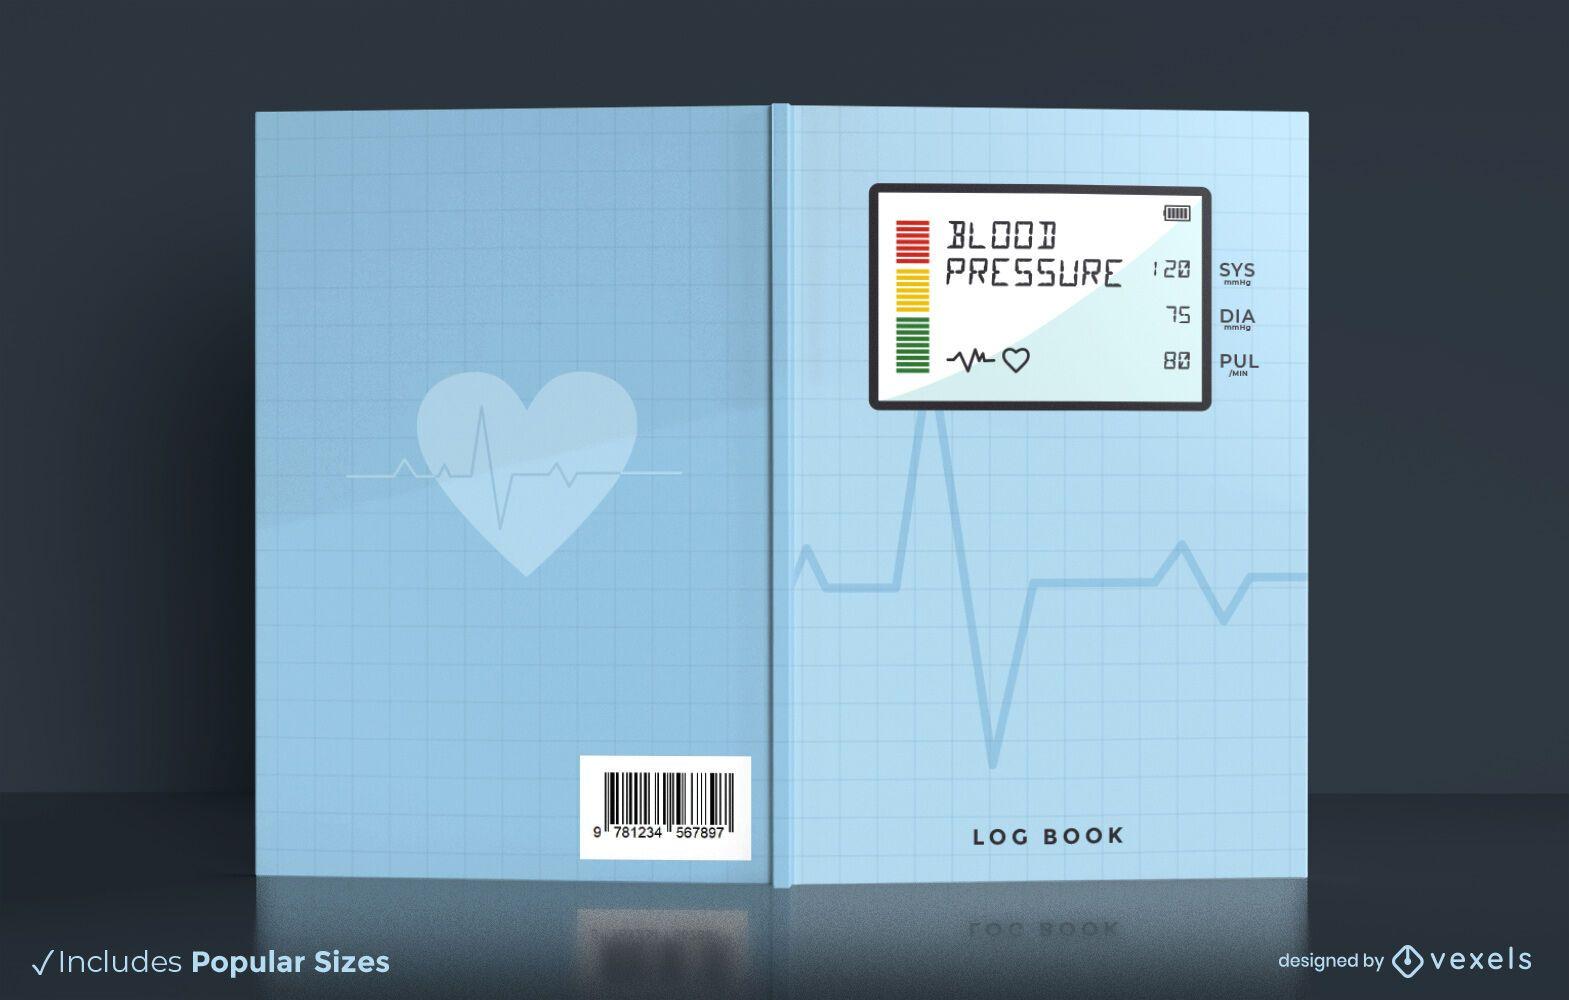 Design des Umschlags des Gesundheits-Blutdruck-Logbuchs